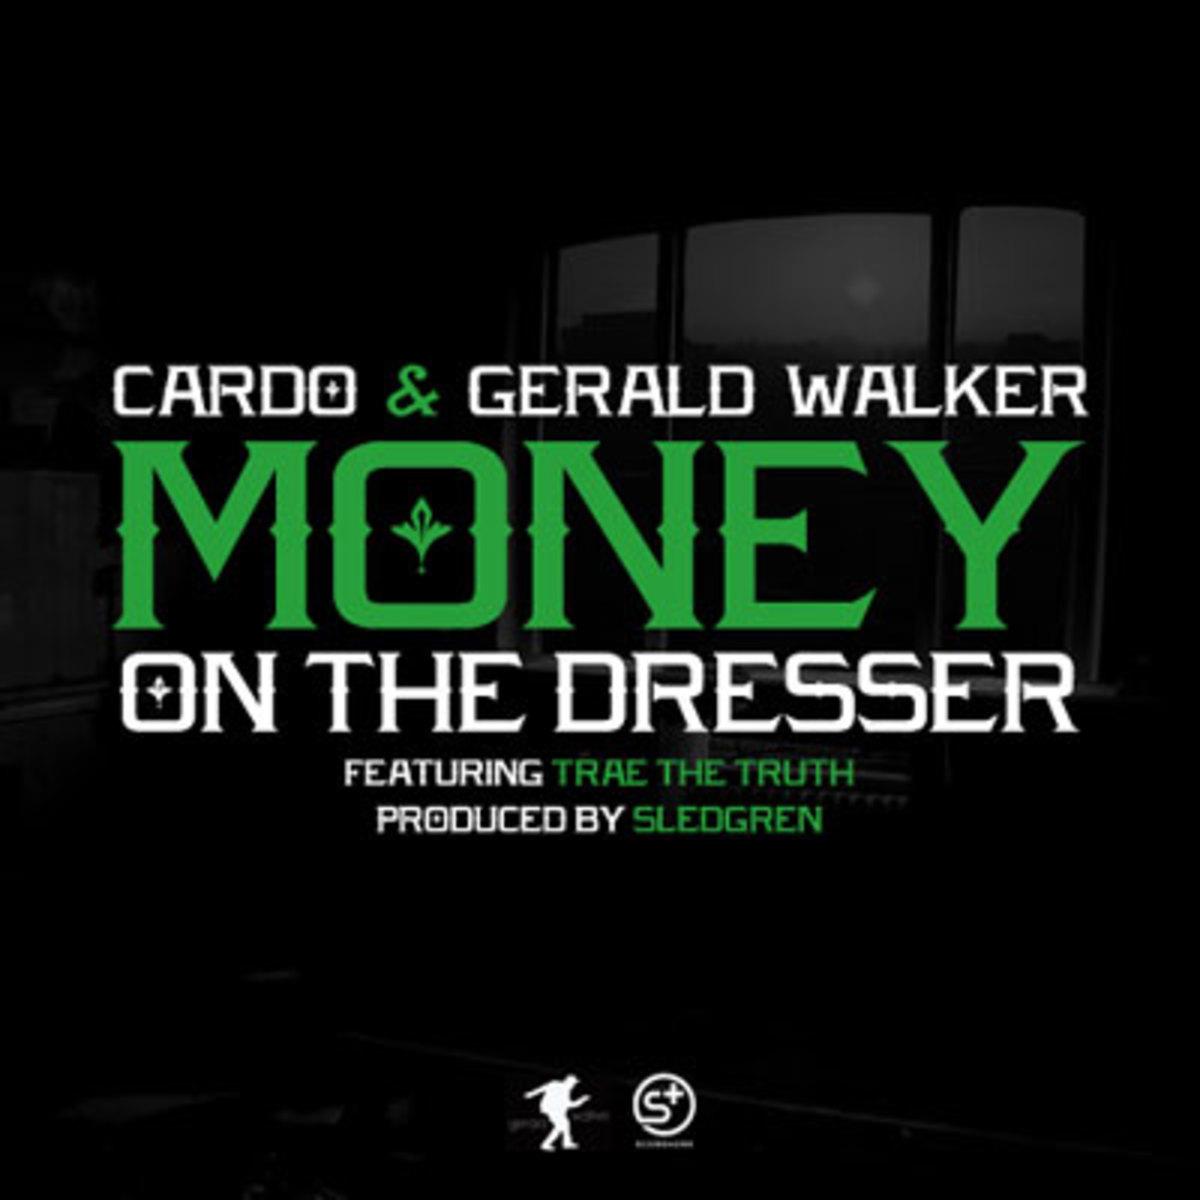 geraldwalker-moneydresser.jpg